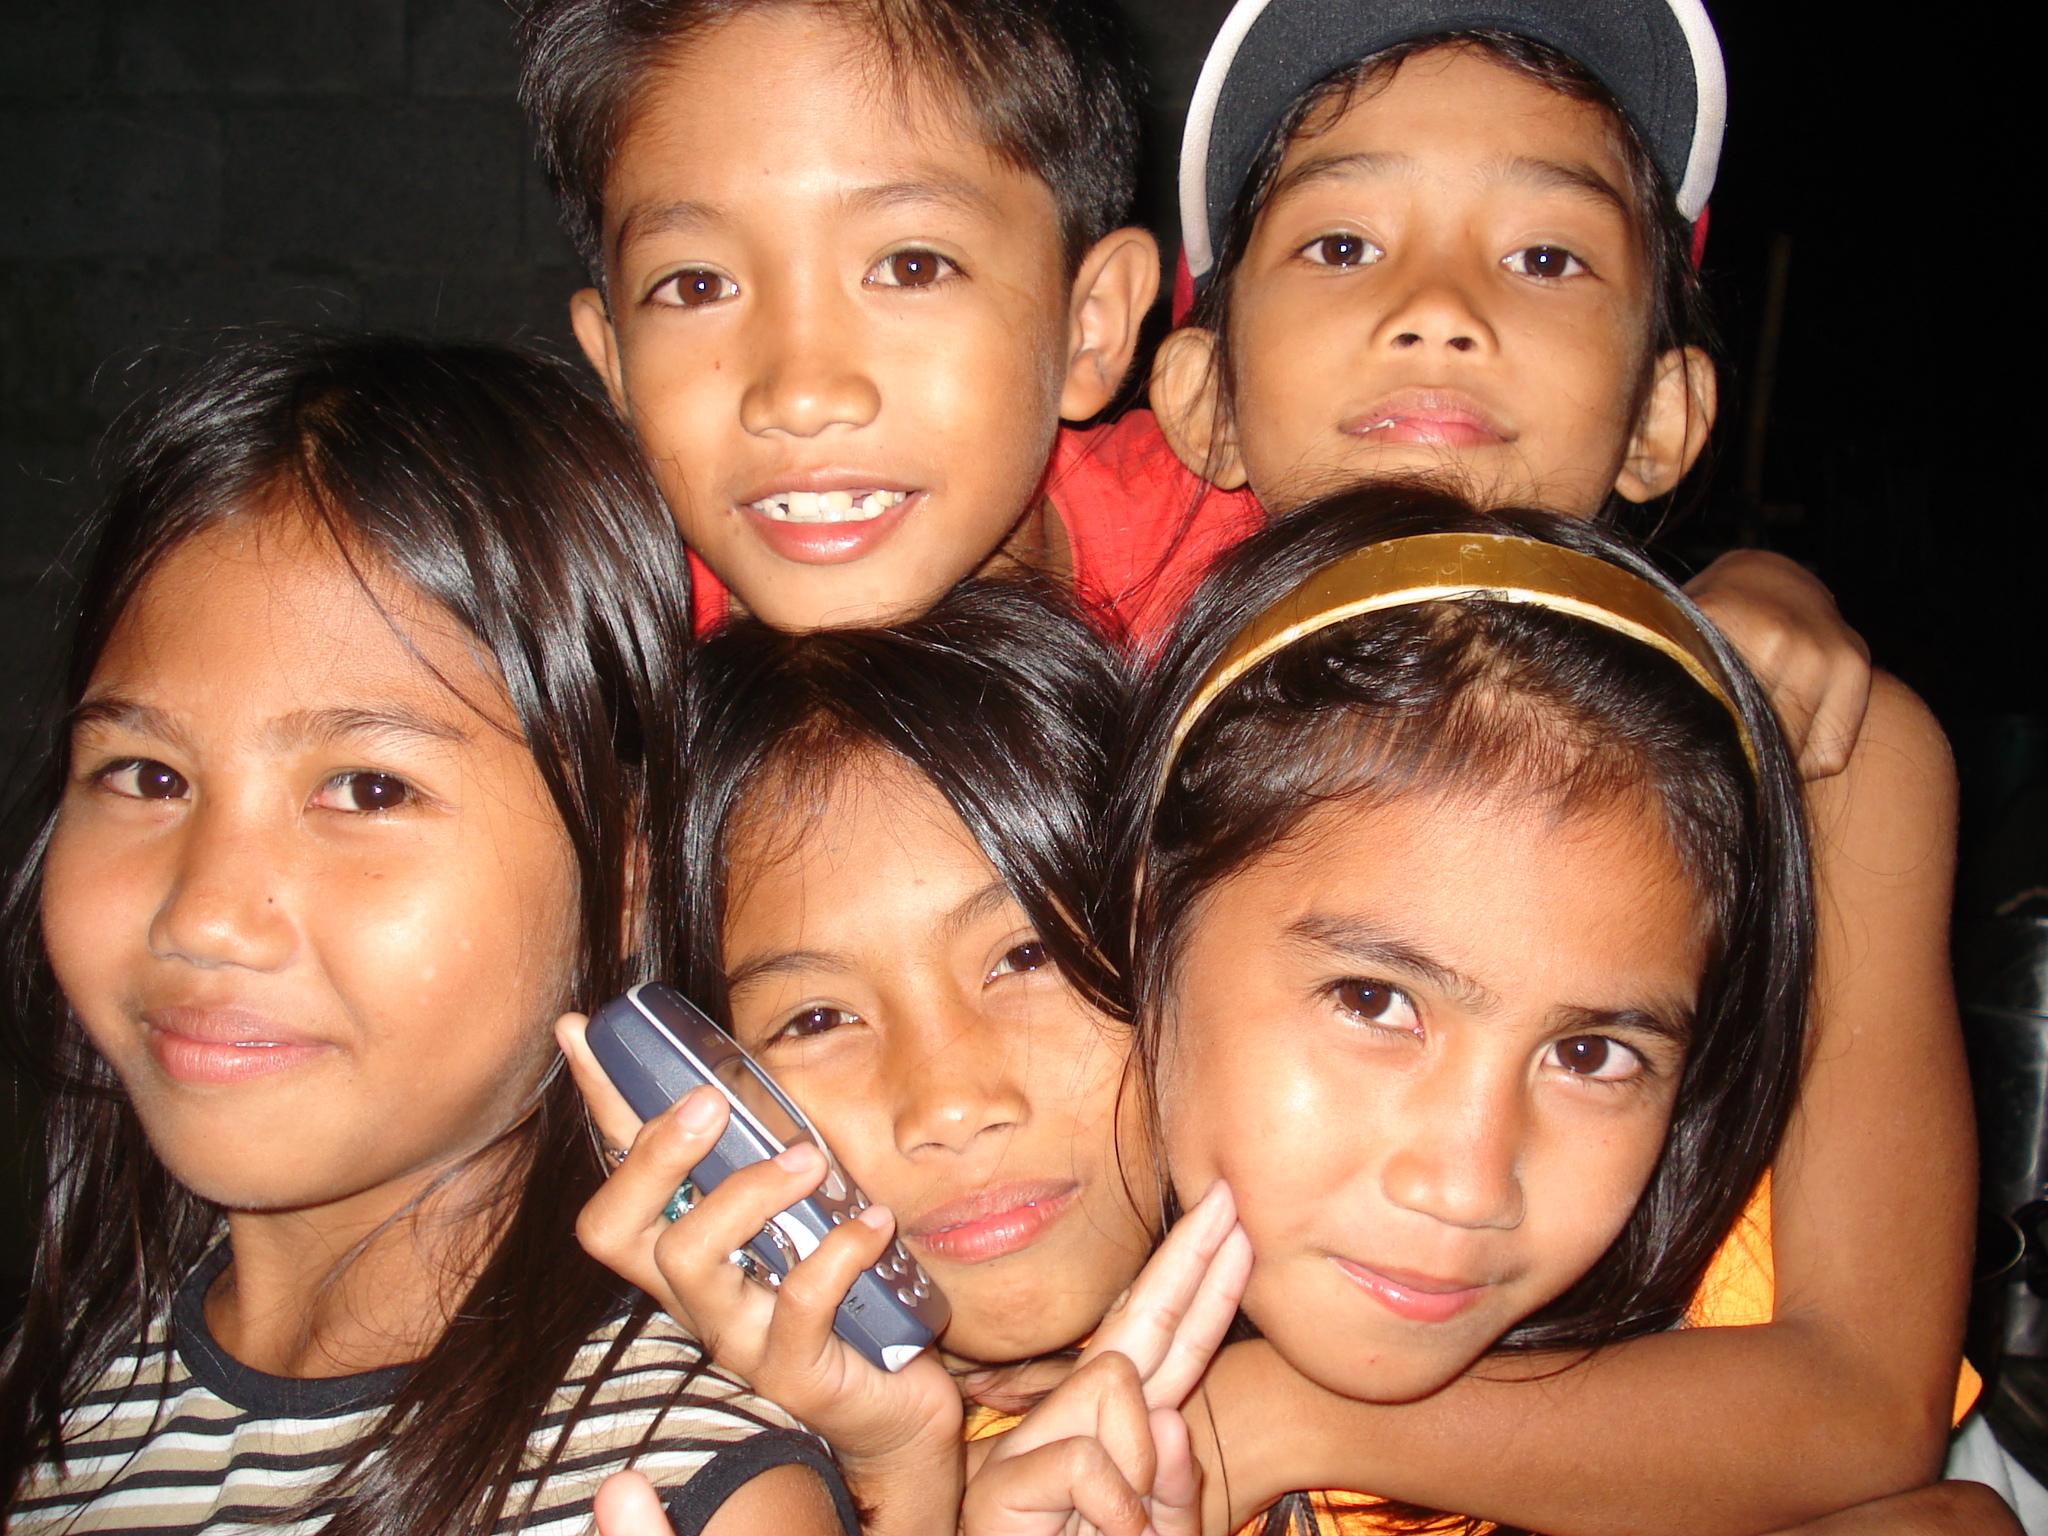 フィリピン風俗 Dsc02260 フィリッピン ...